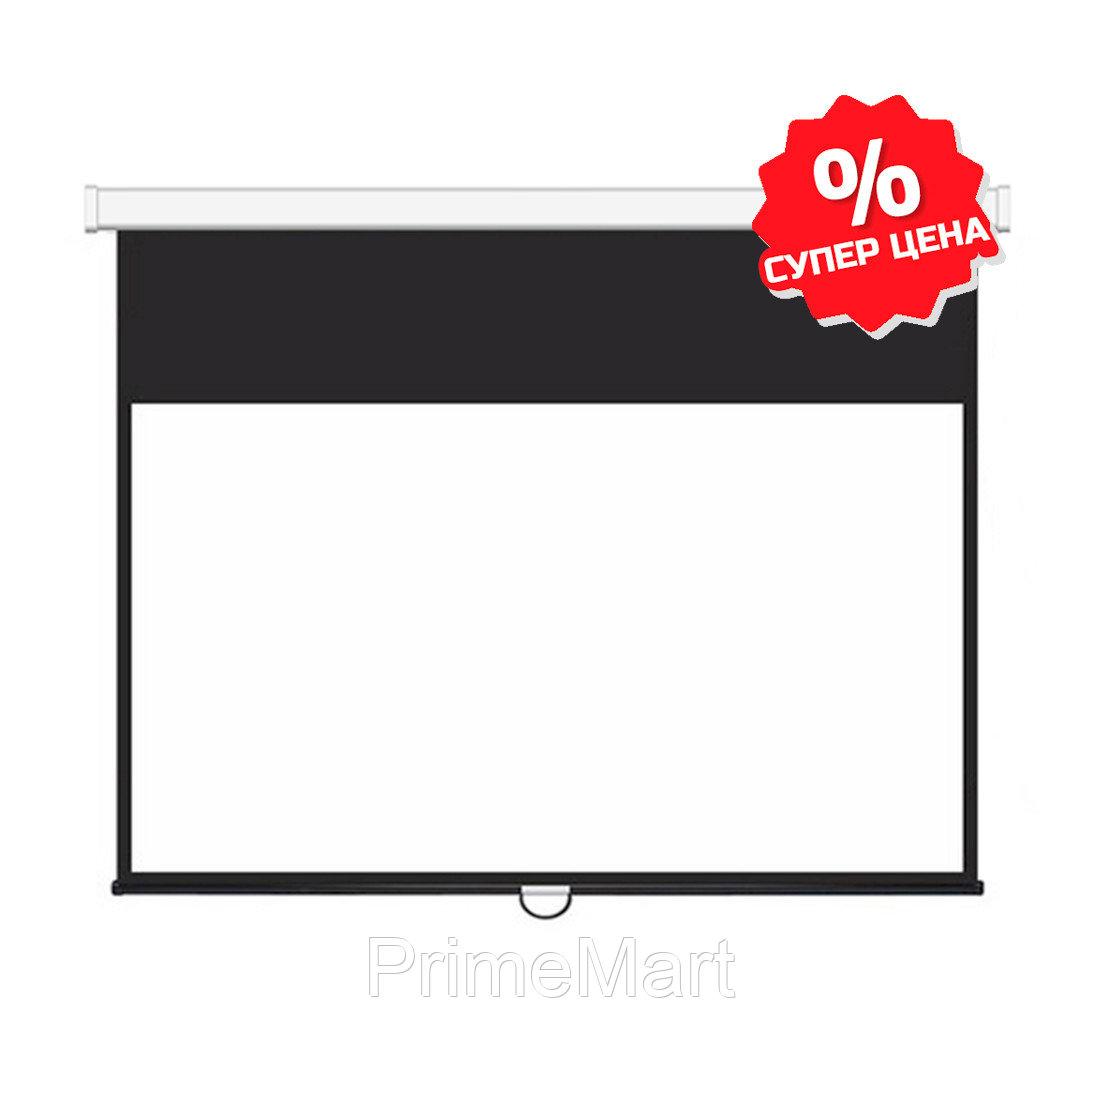 Экран механический, Deluxe,  Настенный/потолочный, Рабочая поверхность 221х125 см., 16:9, Matt white, Чёрный